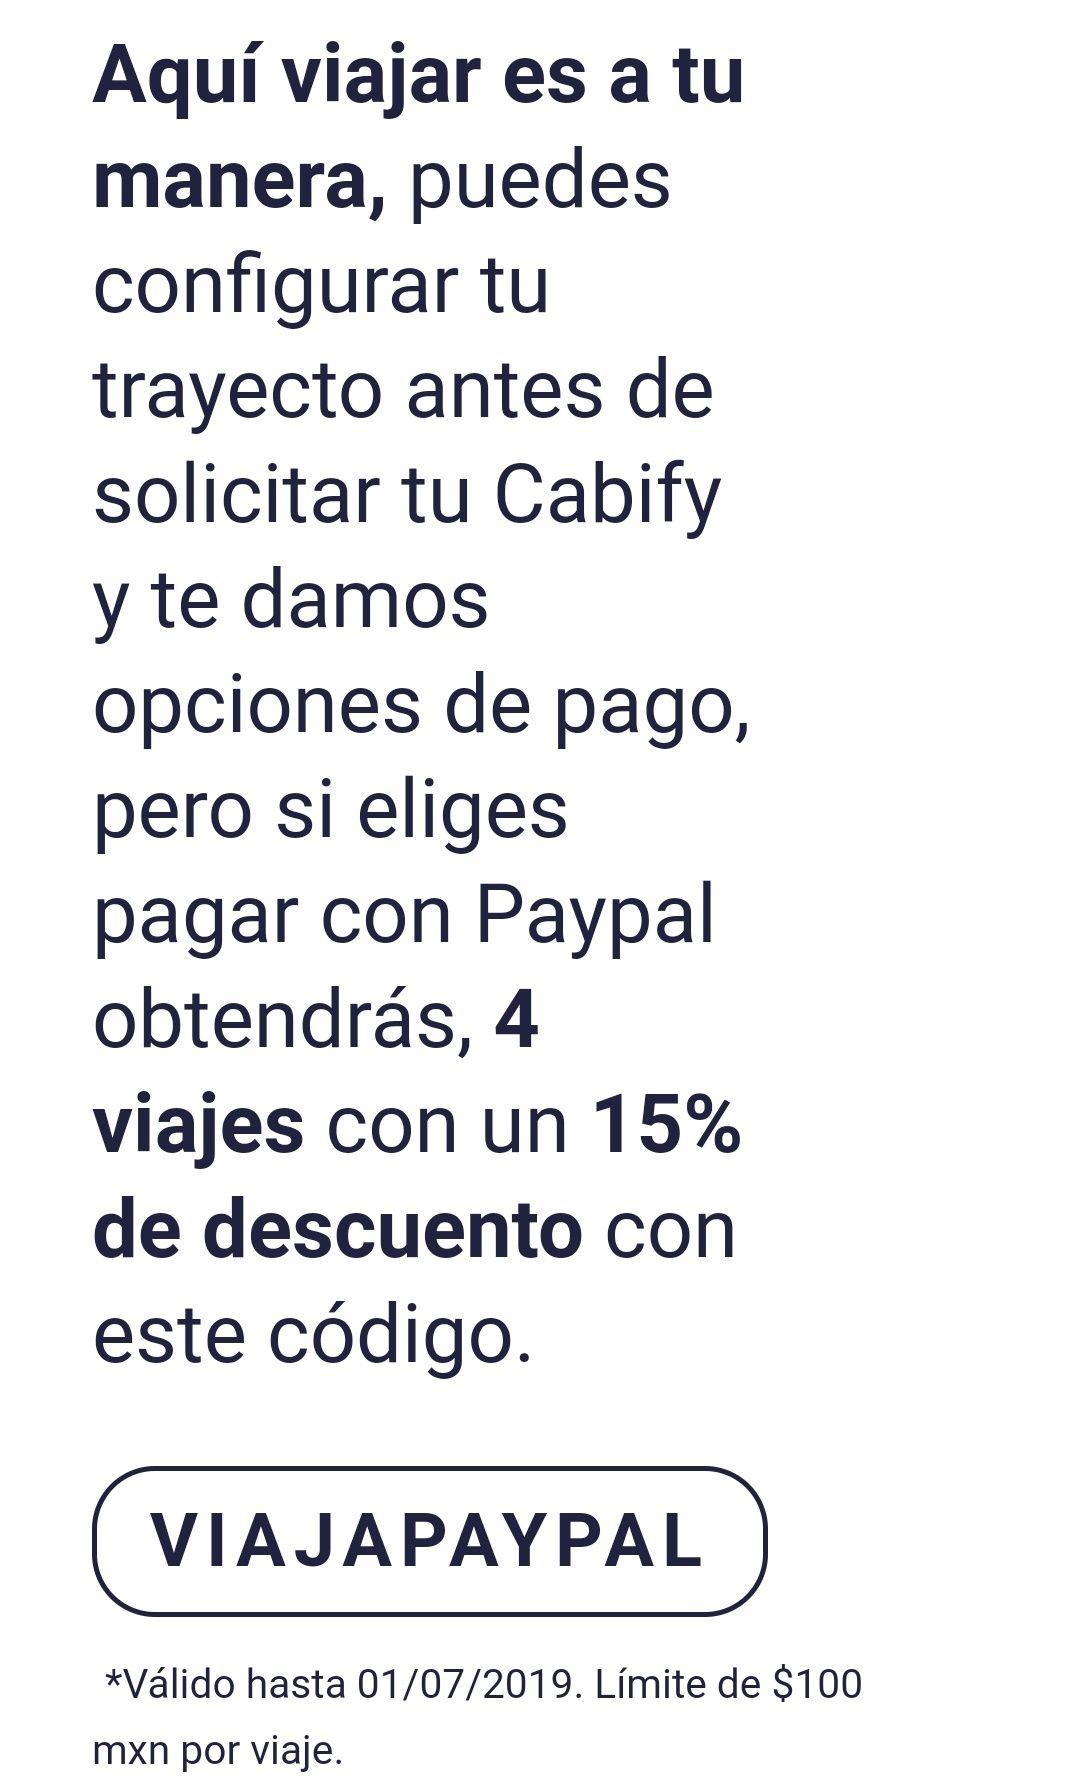 Cabify: Descuento para 4 viajes 15%  todos usuarios